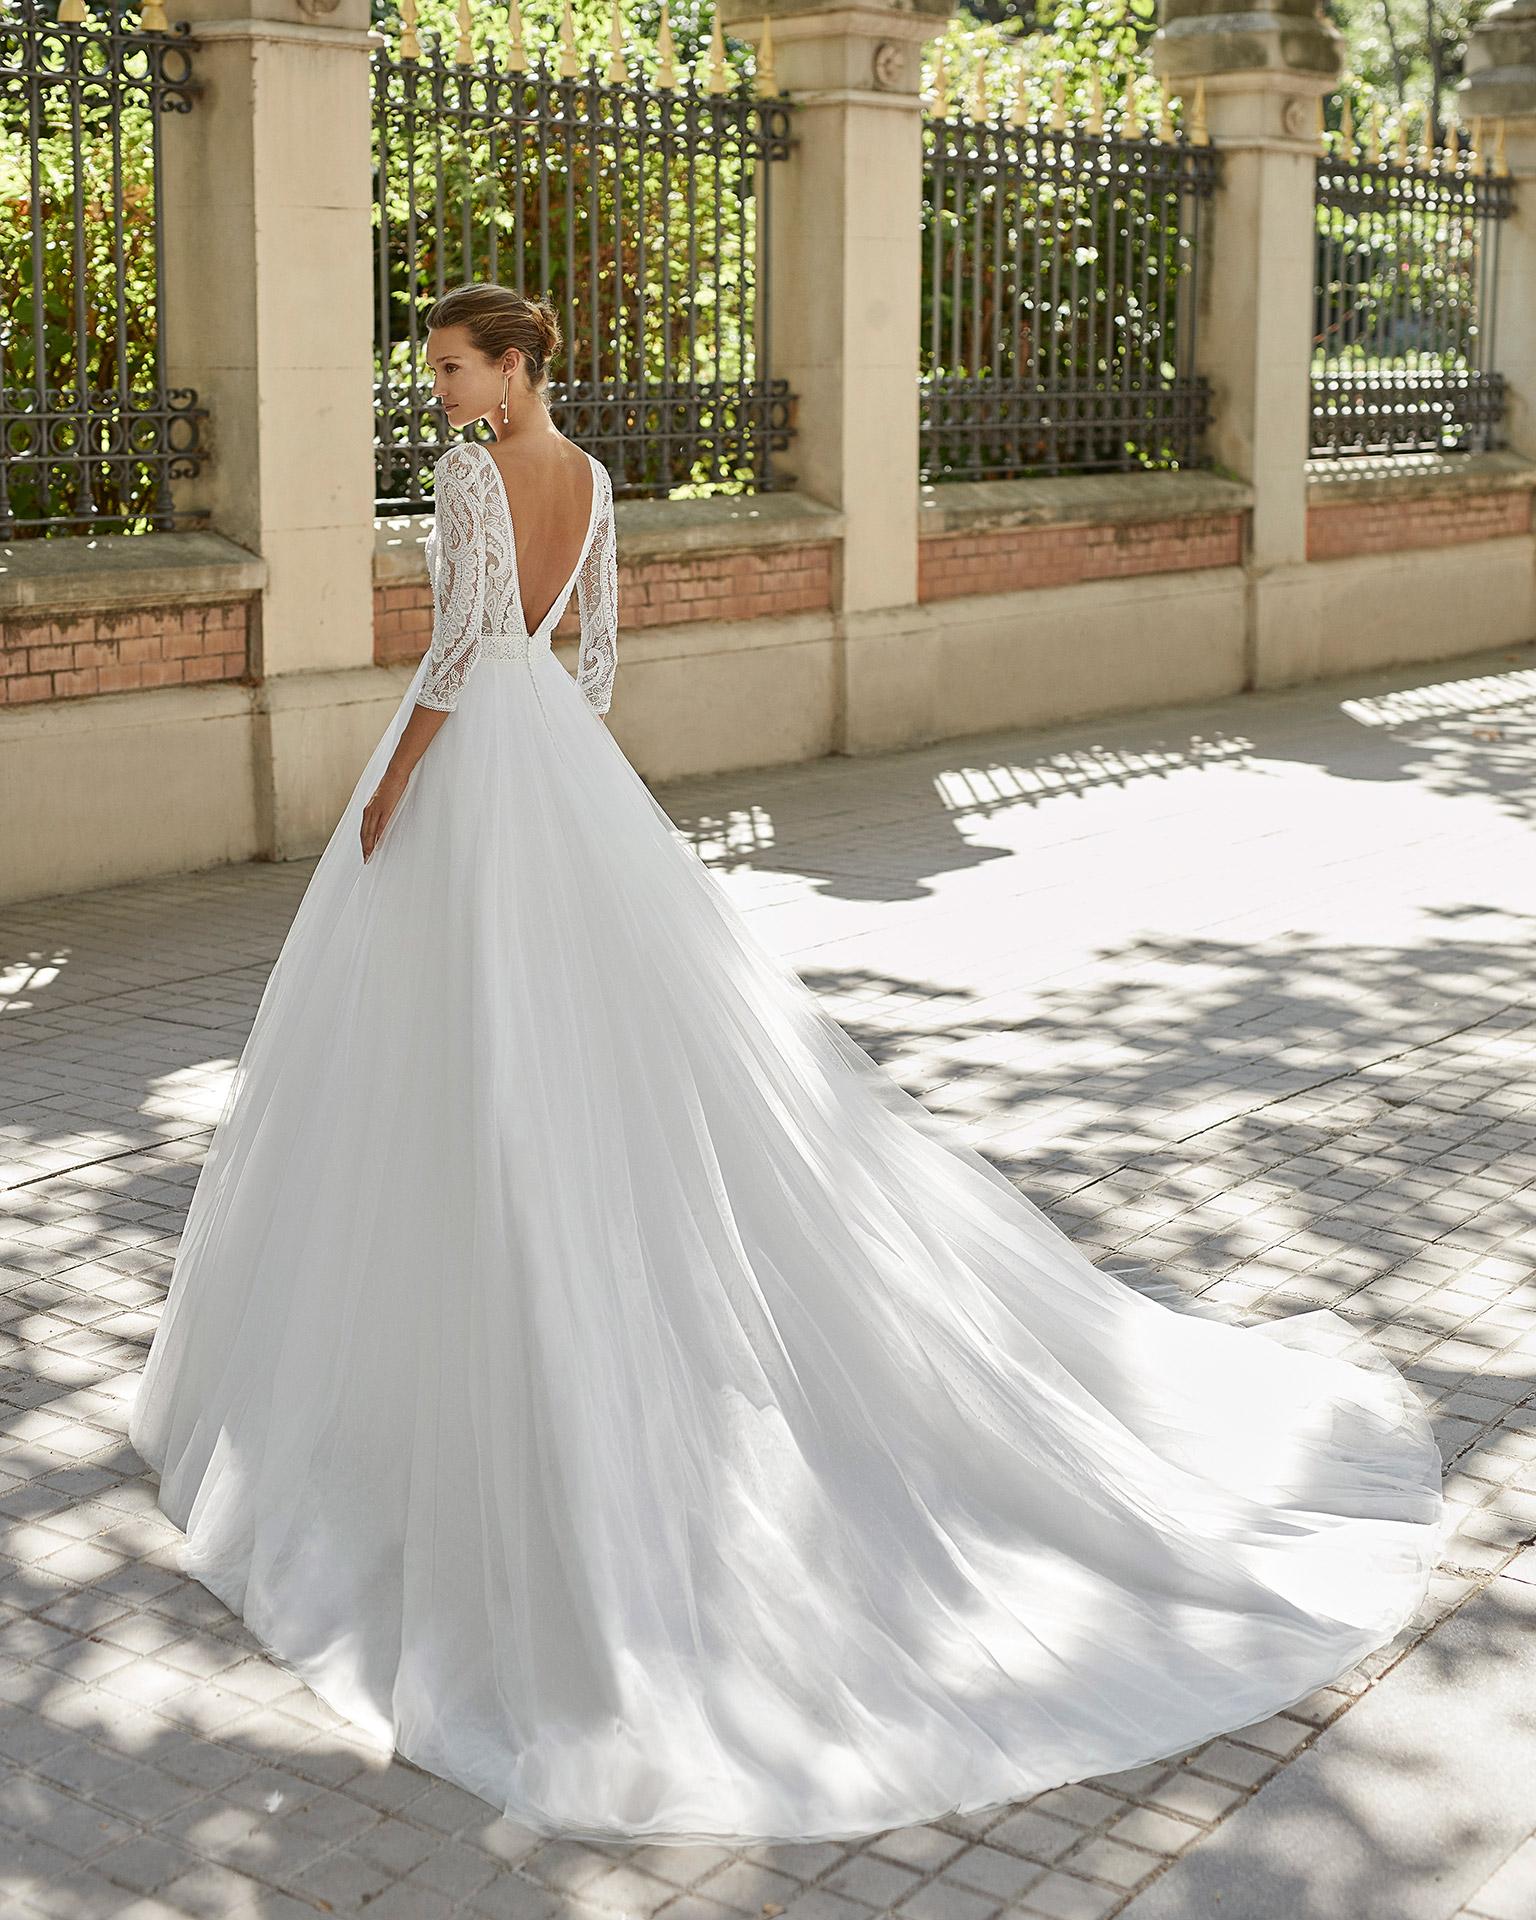 Vestido de novia de estilo romántico, tul plumetti, encaje y pedrería. Escot barco, espalda en V y manga 3/4. Colección  2022.